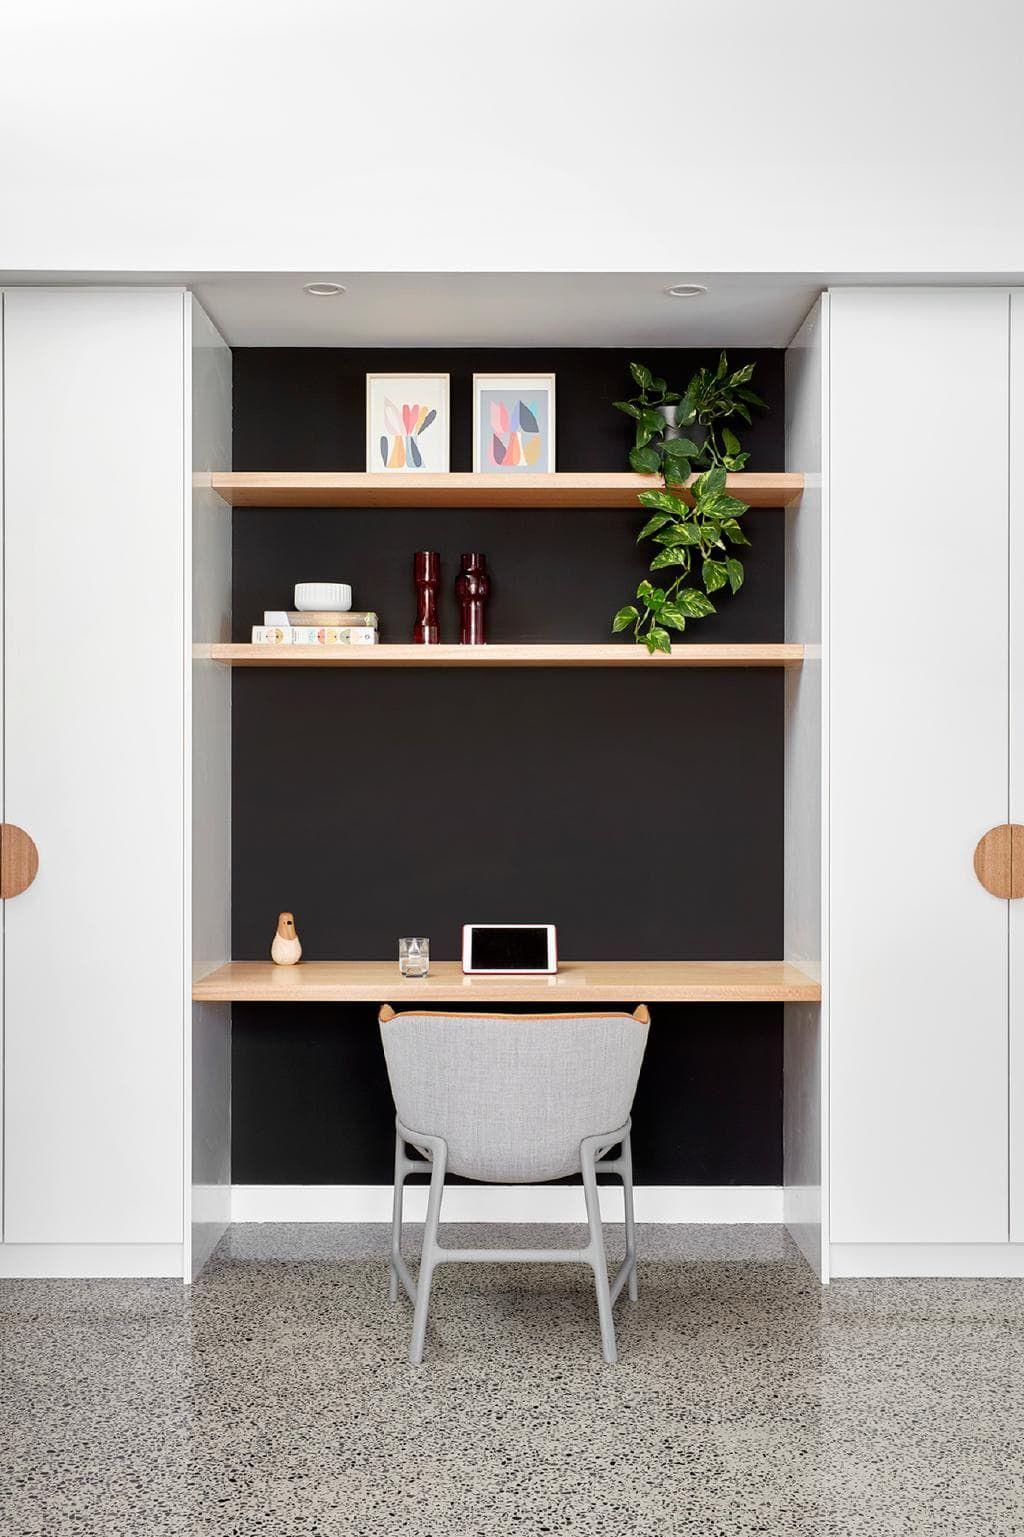 Merry Bright Guest Bedroom Office Desk Nook Computer Nook